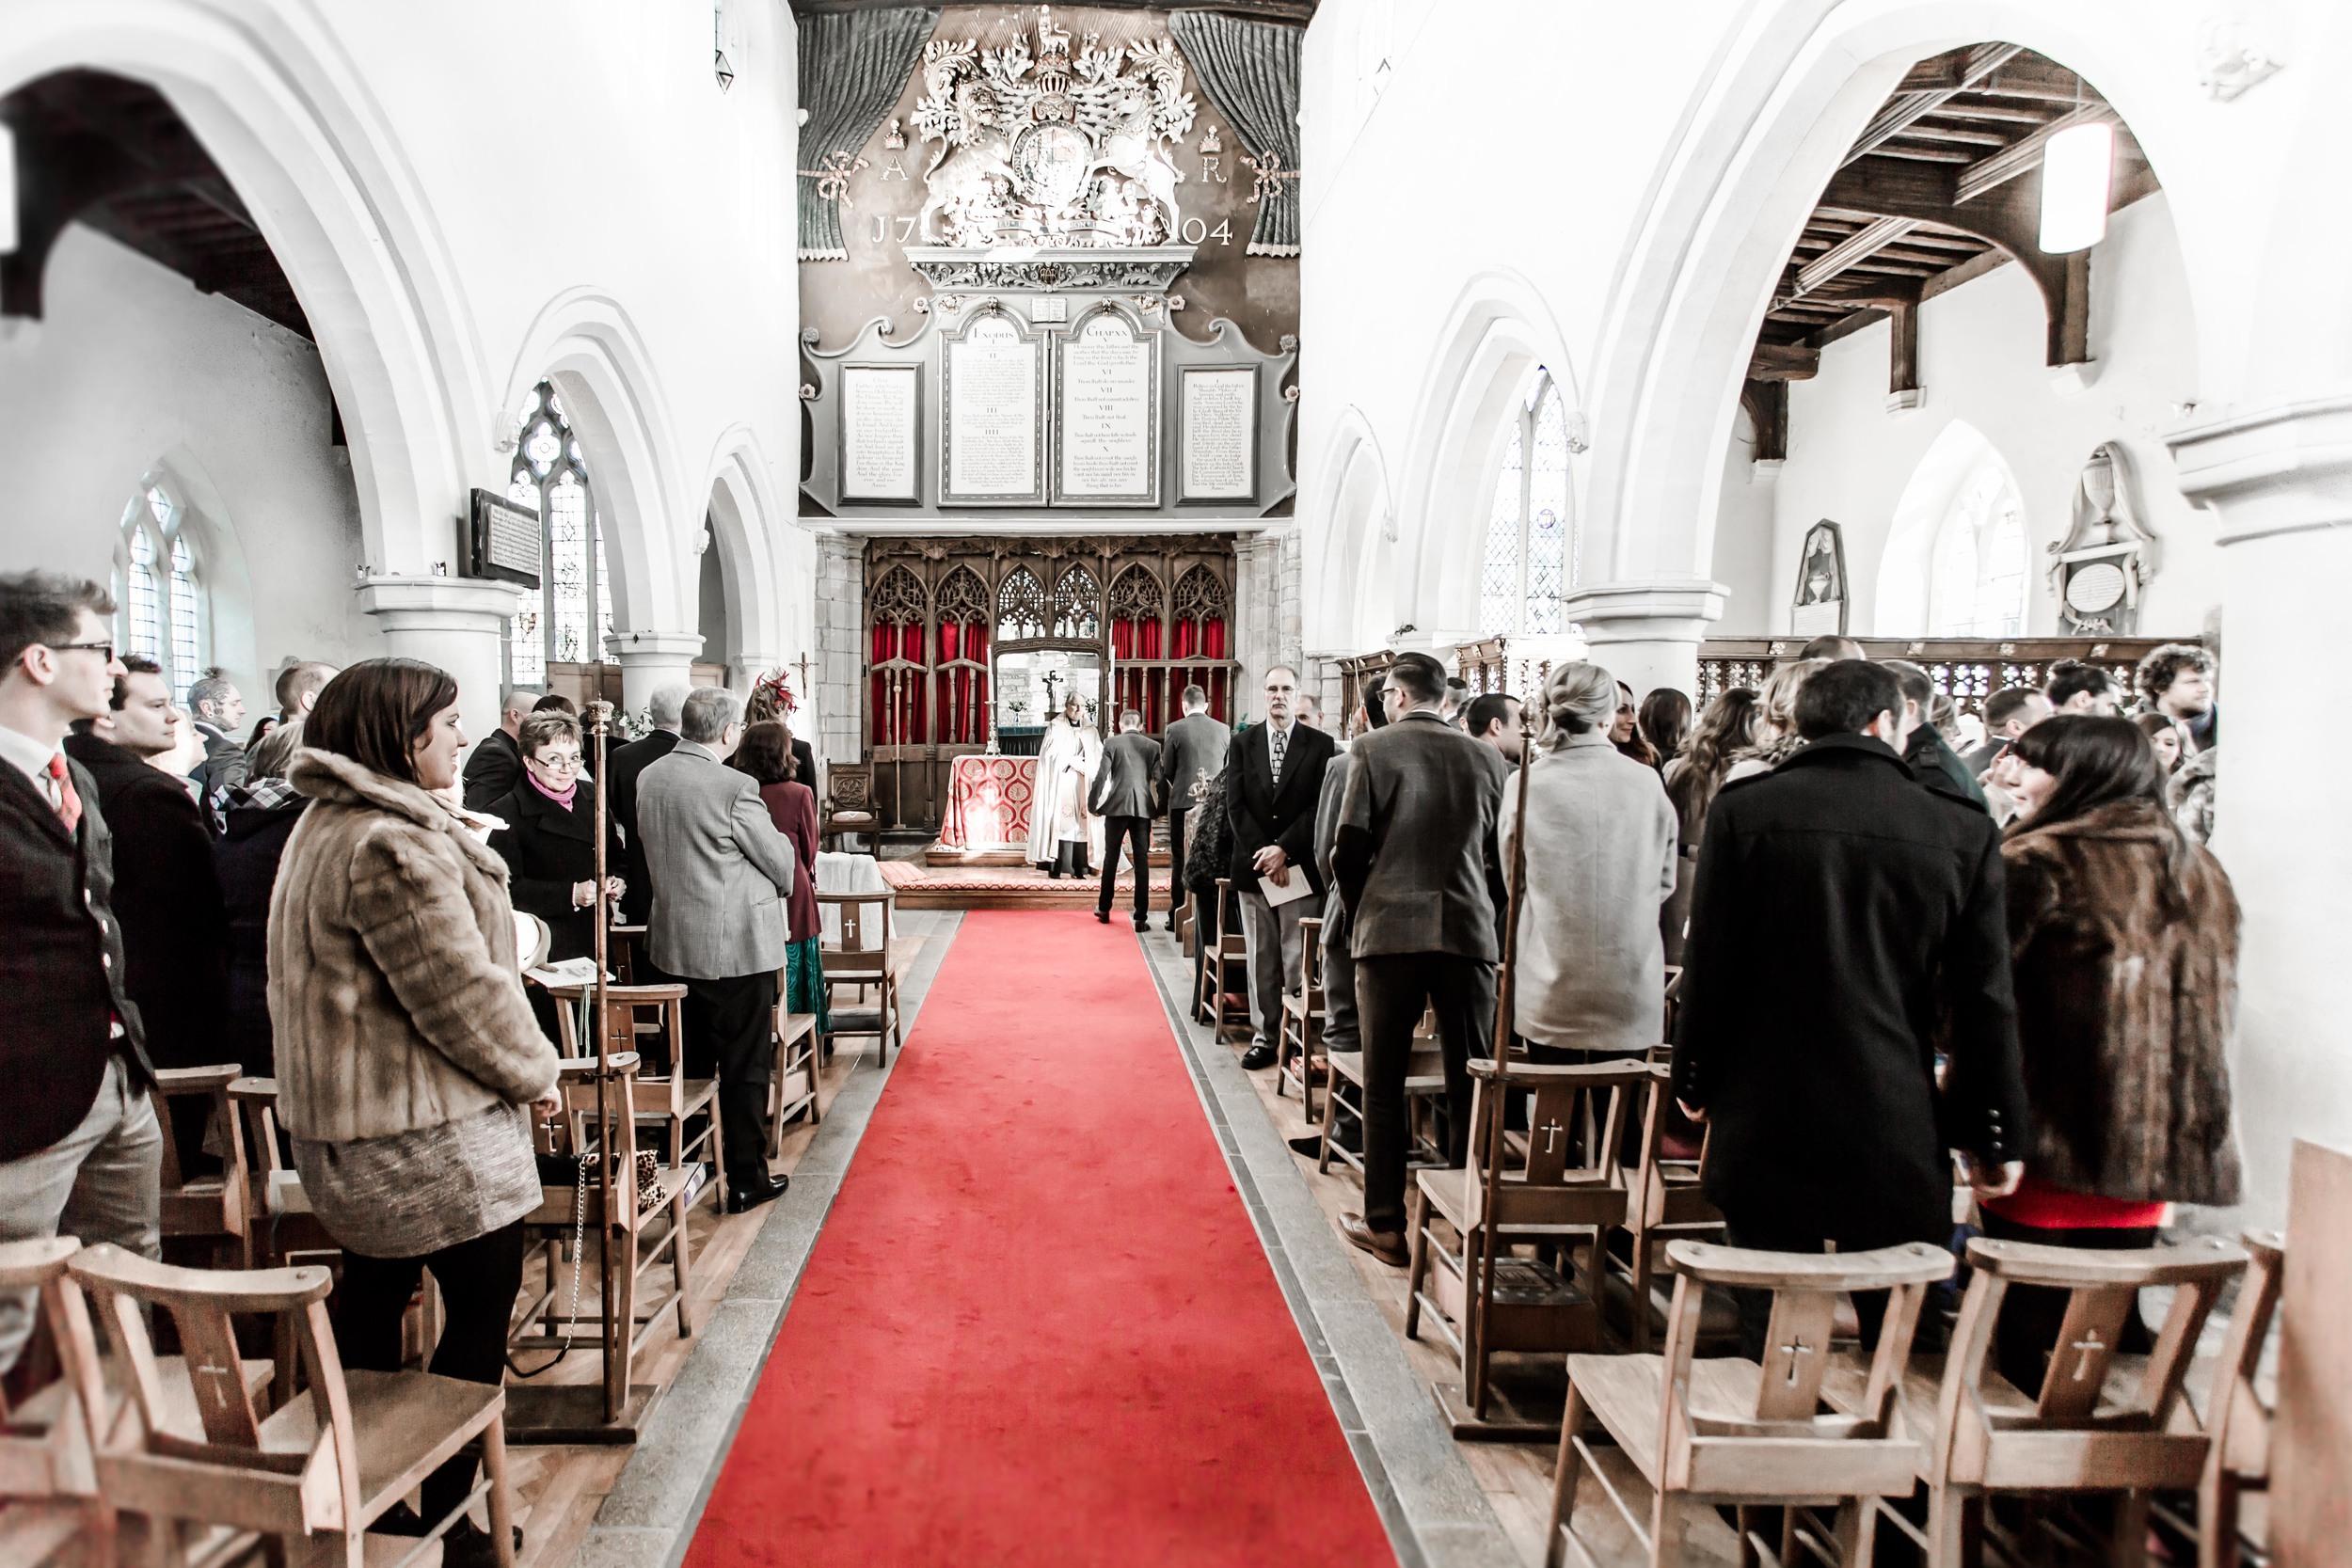 081 - Angela and Karls Wedding by www.markpugh.com -6647.jpg